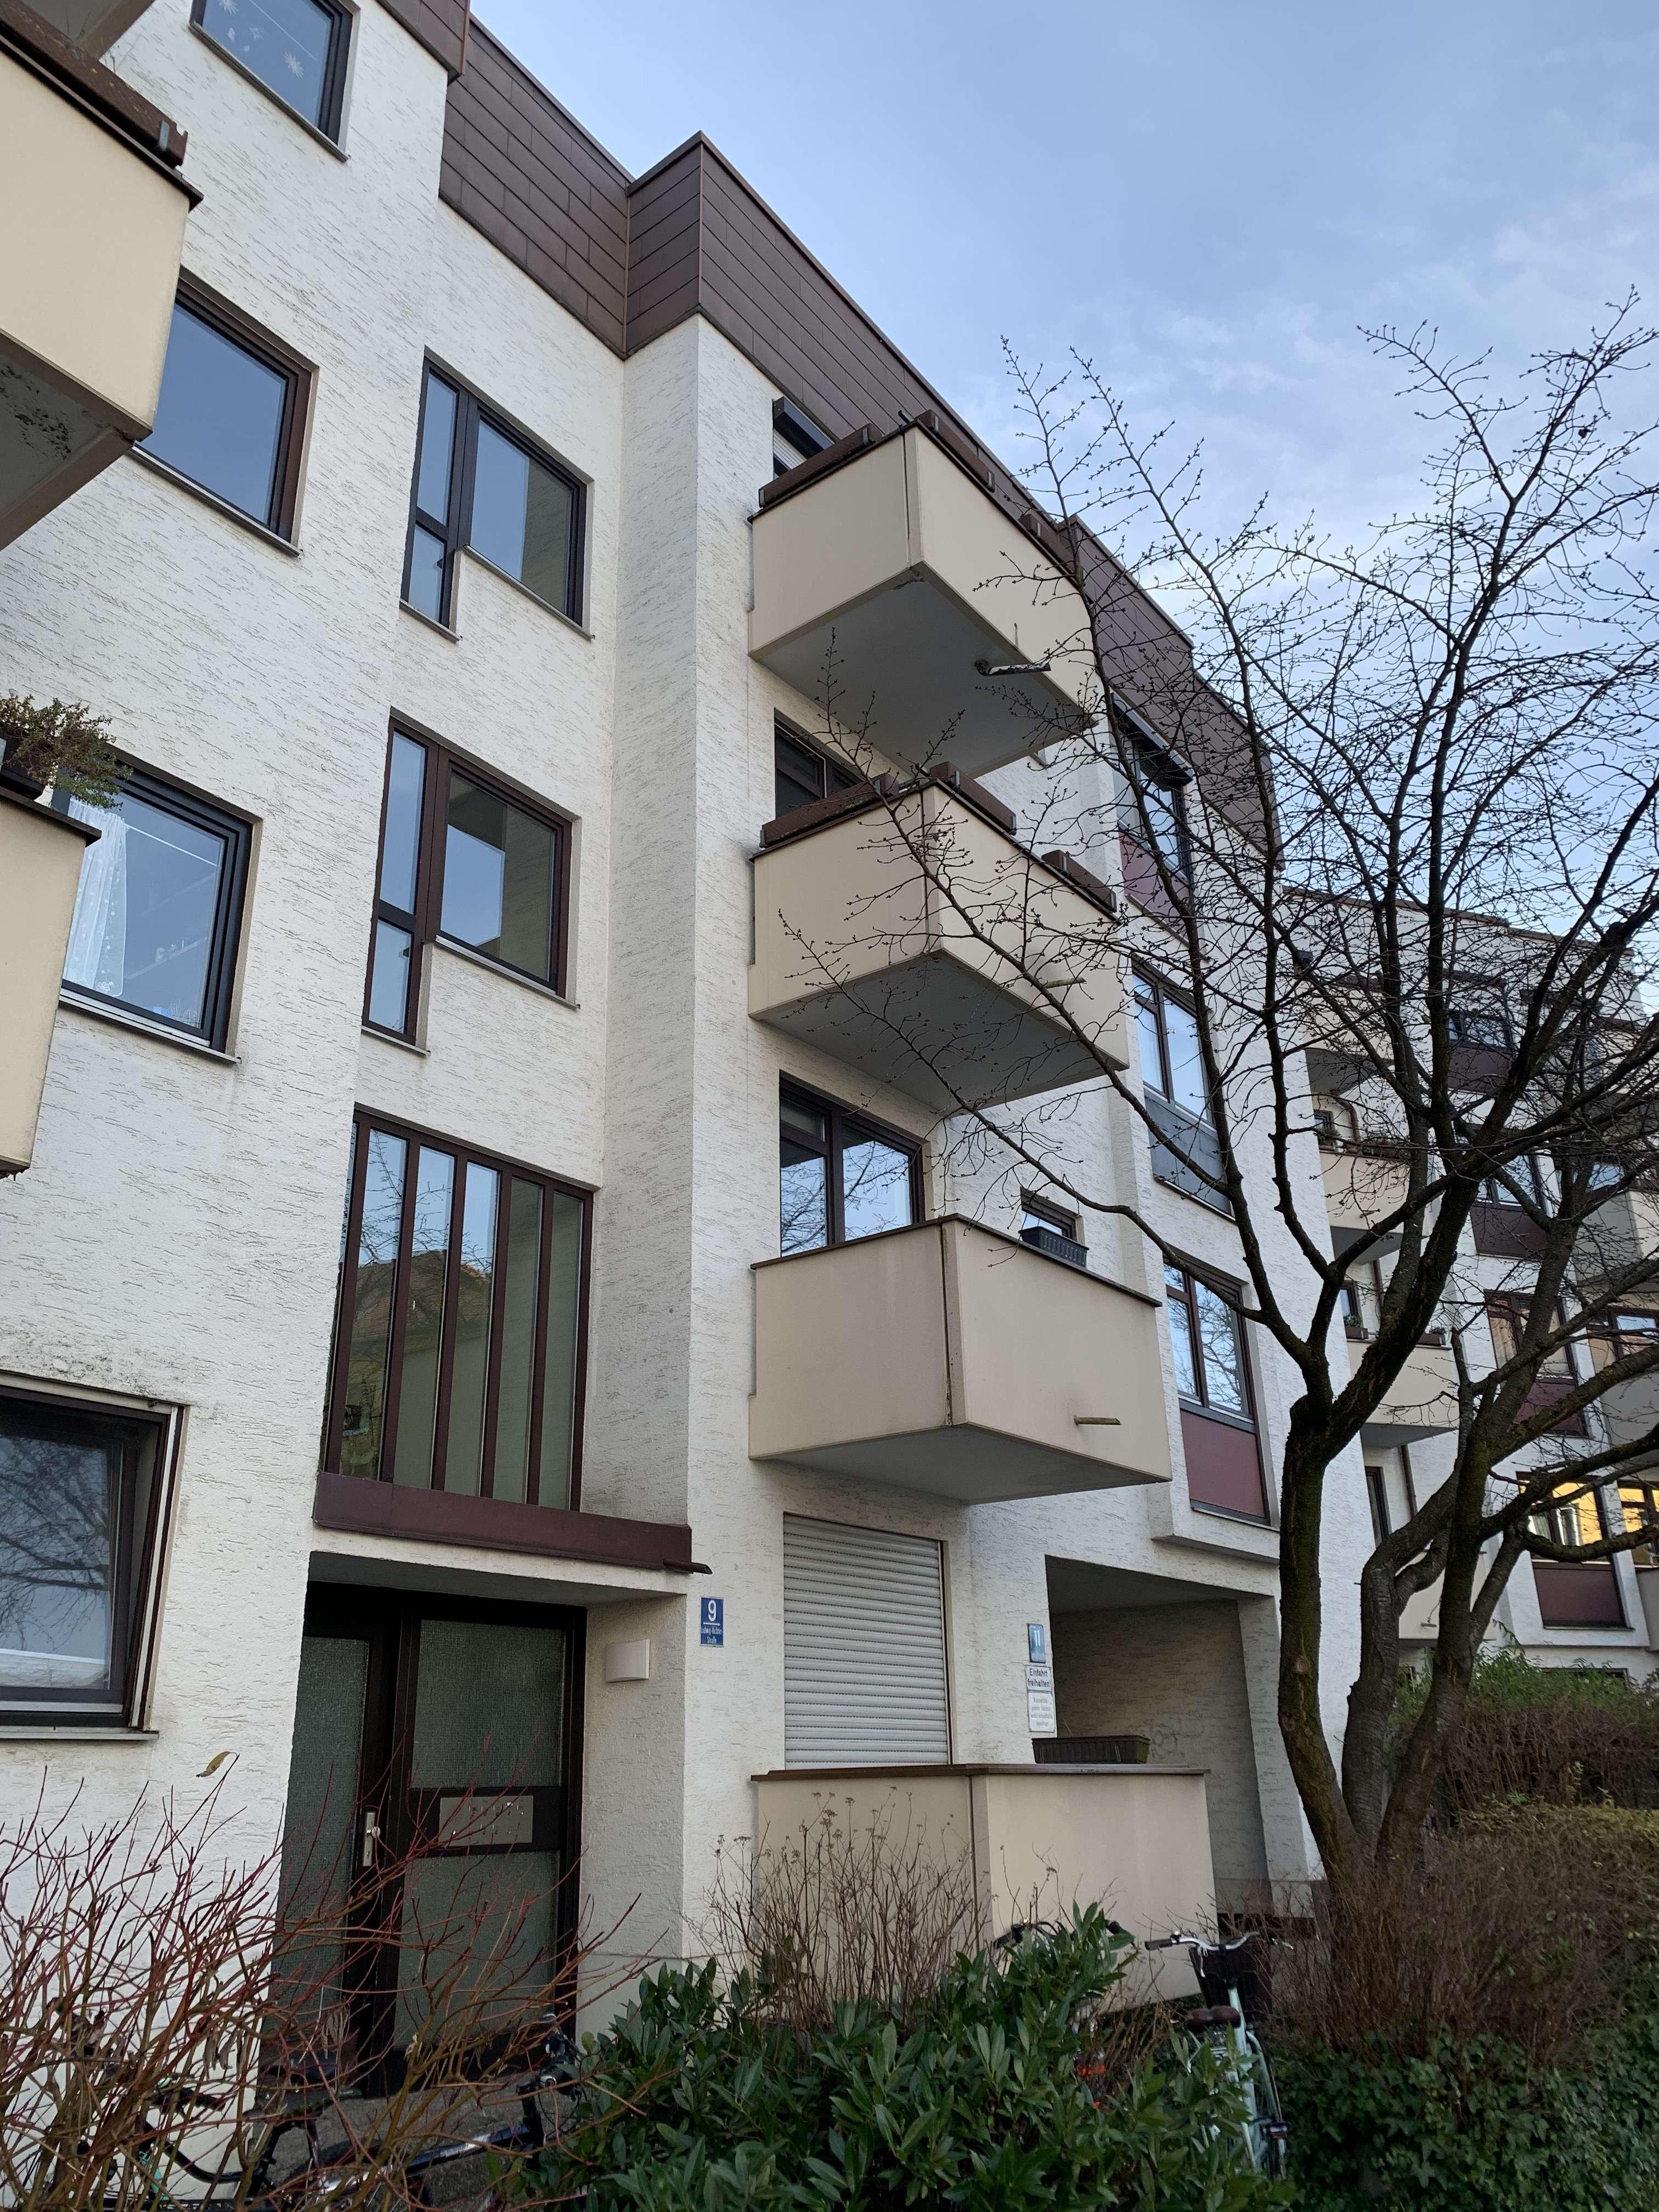 Schöne 3-Zimmer-Wohnung in ruhiger Lage in Laim (München)